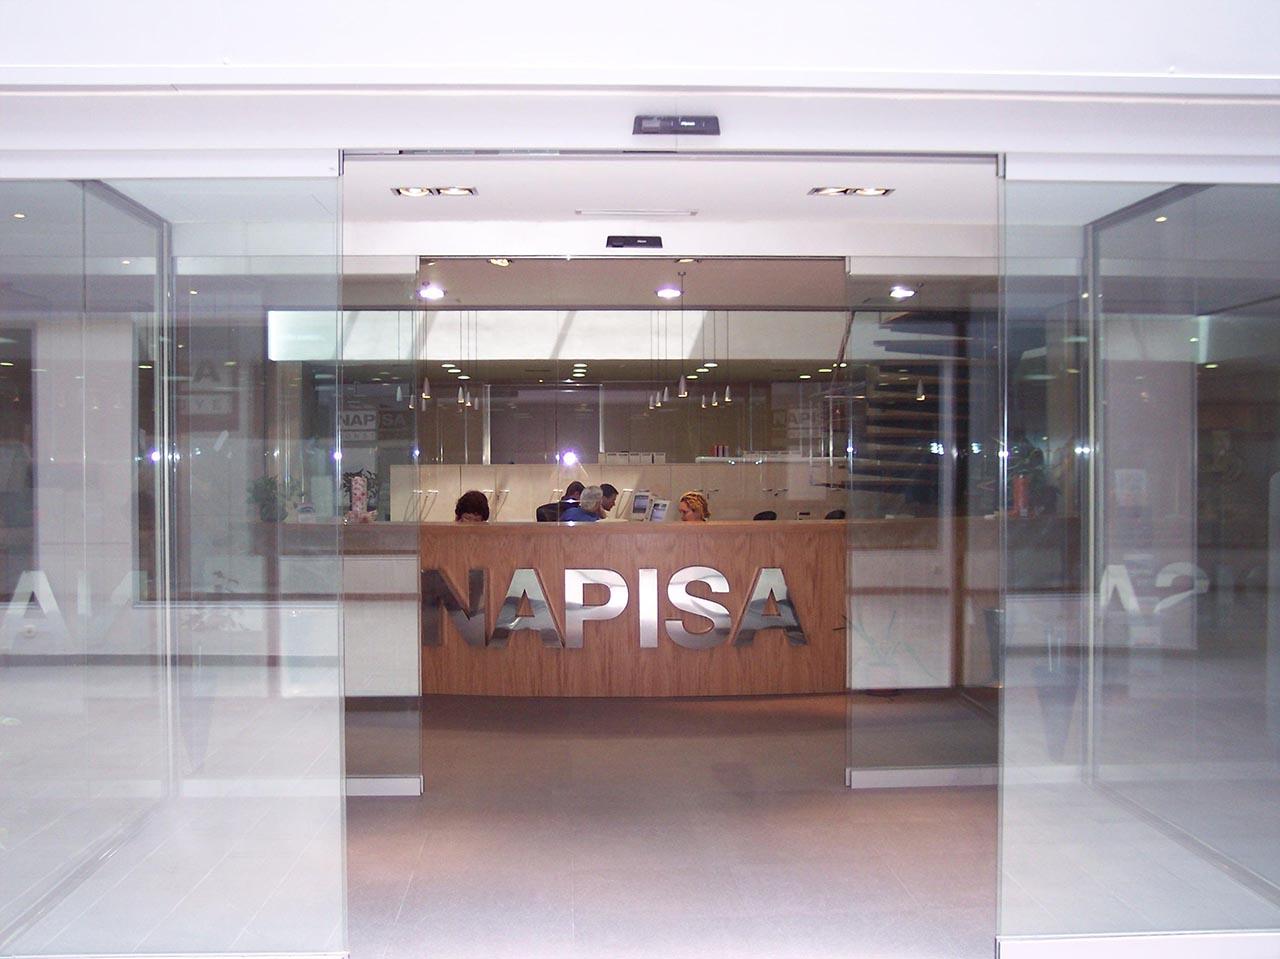 1. NAPISA Entrada